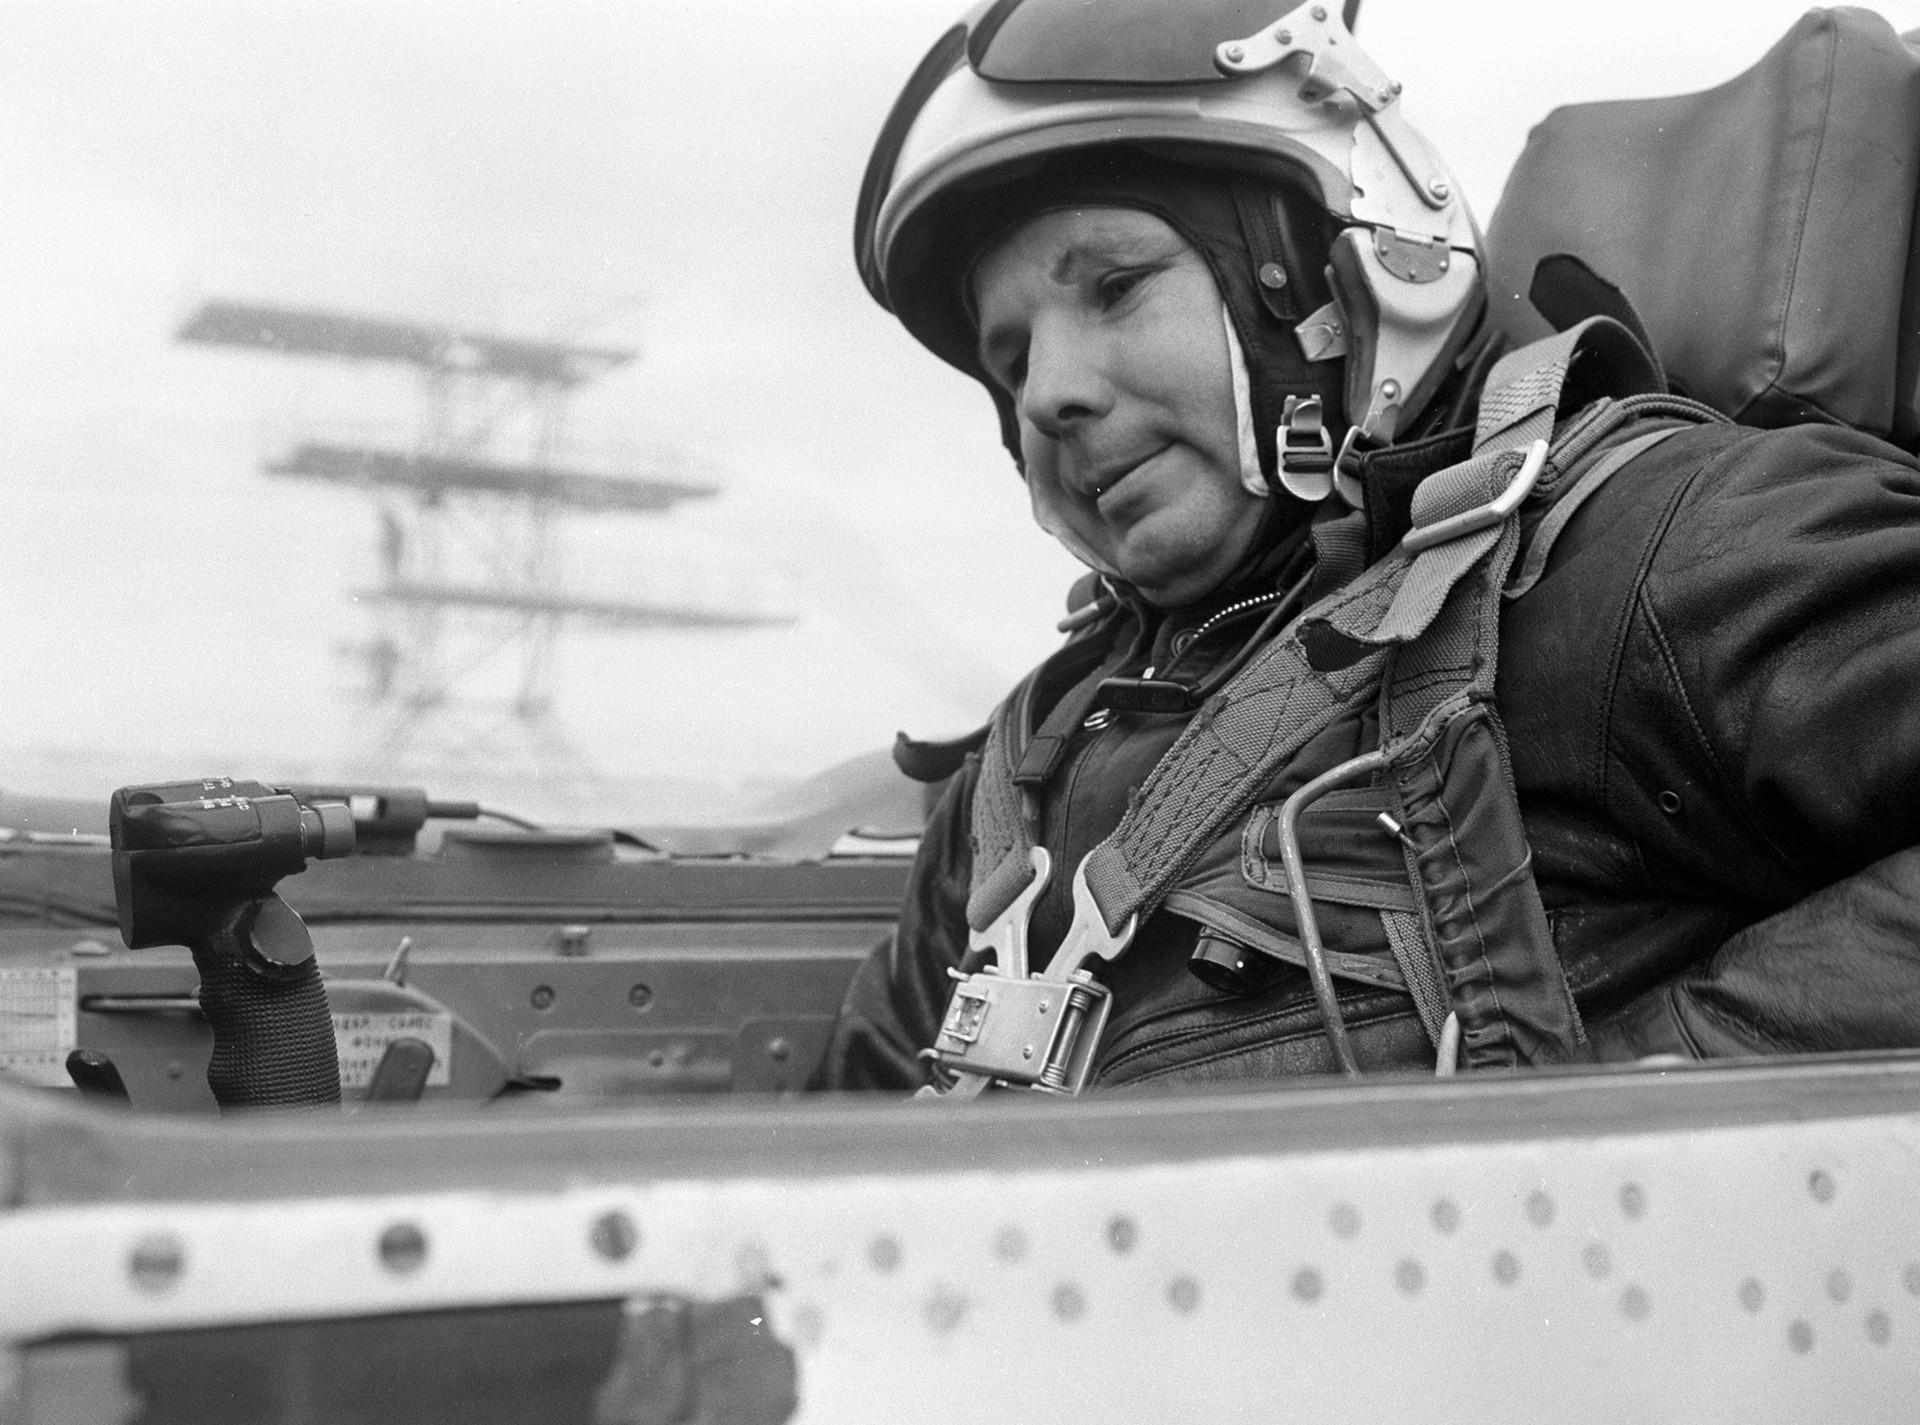 Јуриј Гагарин се спрема да изврши задатак на суперсоничном млазном ловцу МиГ-21, 1. октобар 1967.